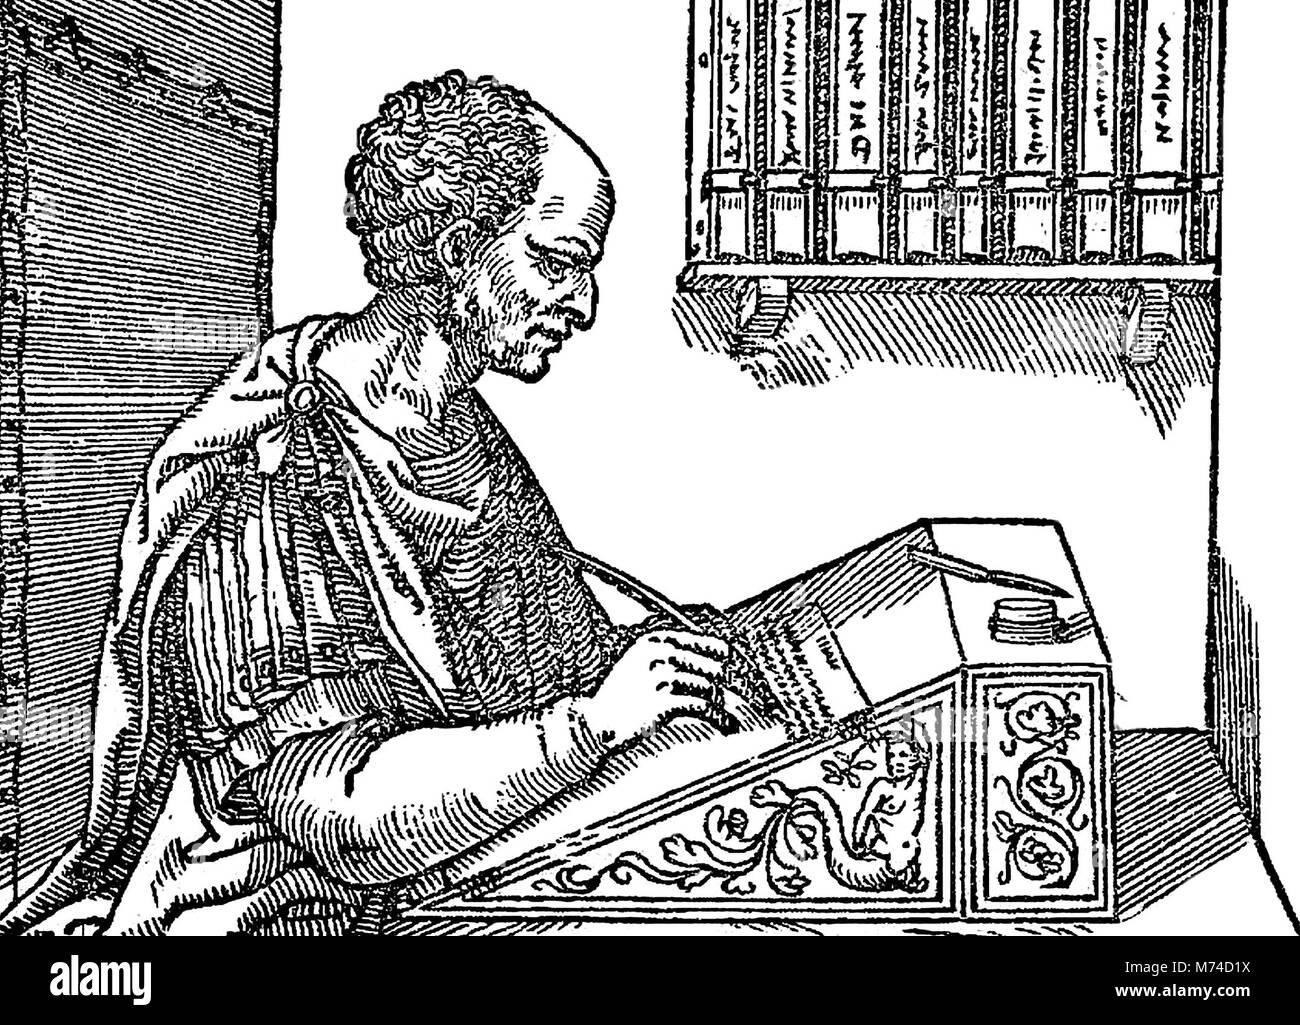 Cicero (106 v. Chr. - 43 v. Chr.) seine Briefe schreiben, ein holzschnitt von Marcus Tullius Cicero aus dem Jahre Stockbild